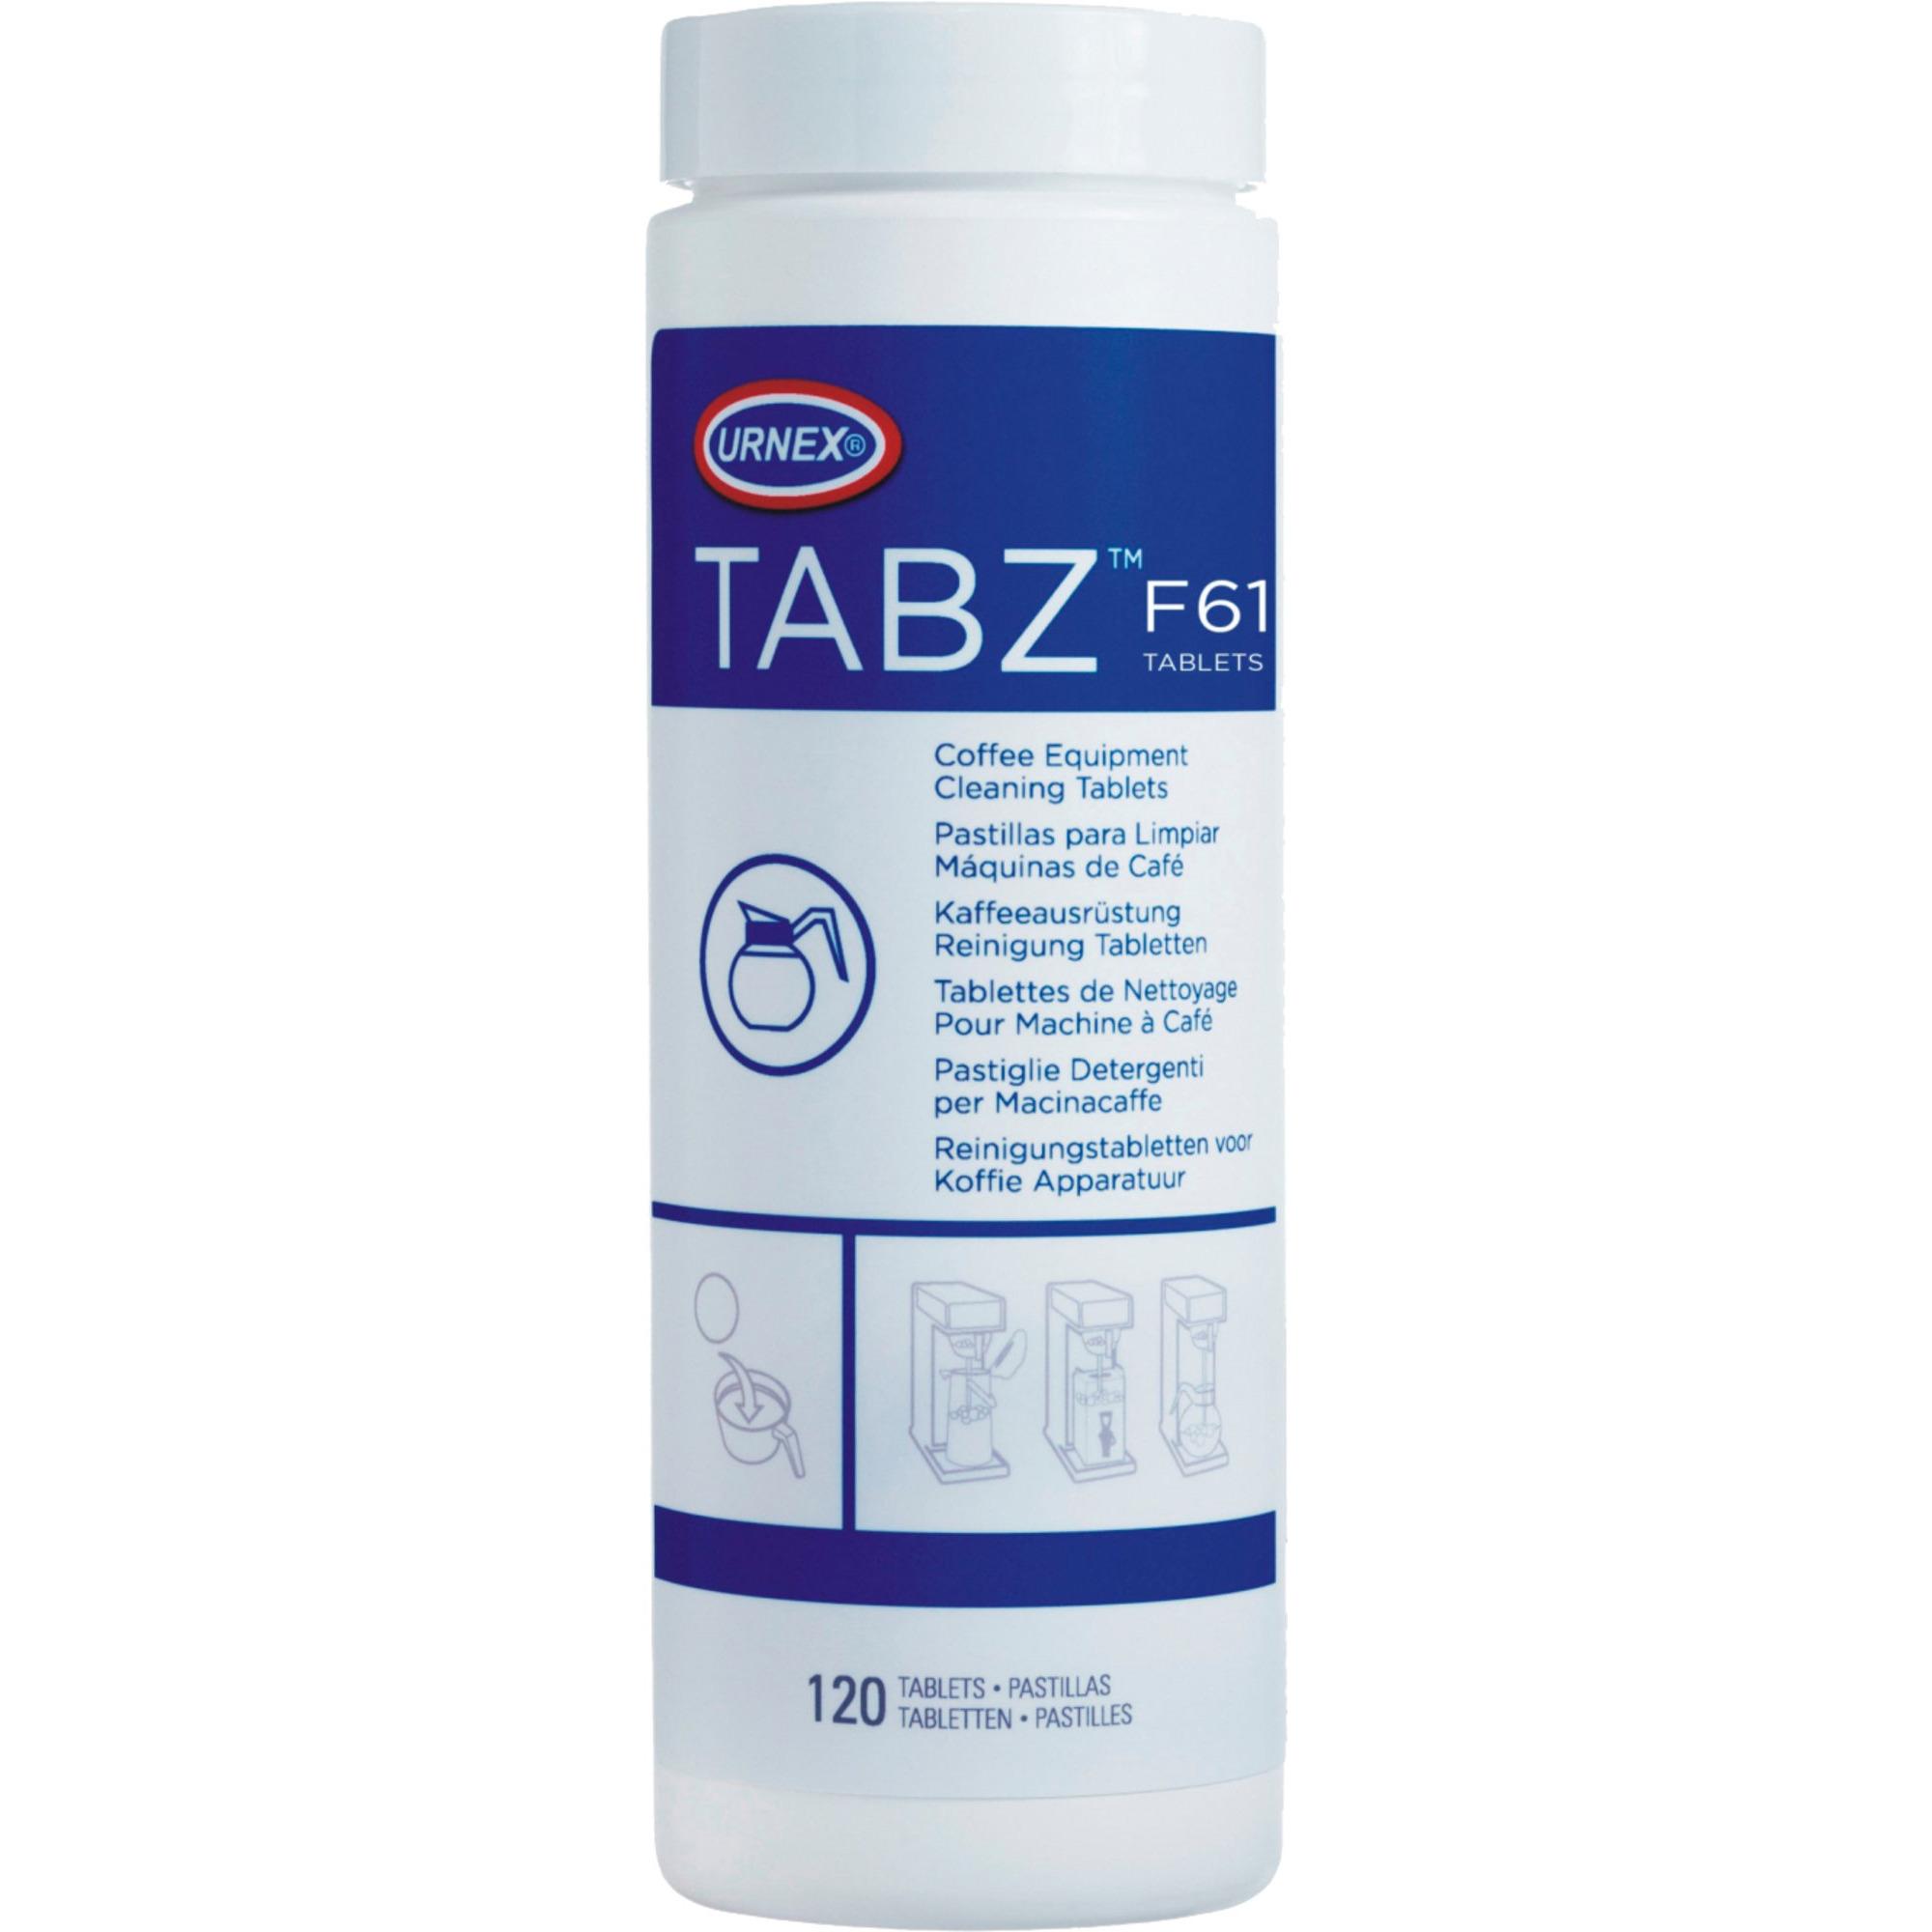 Urnex Tabz filterkaffe rengöringstabletter